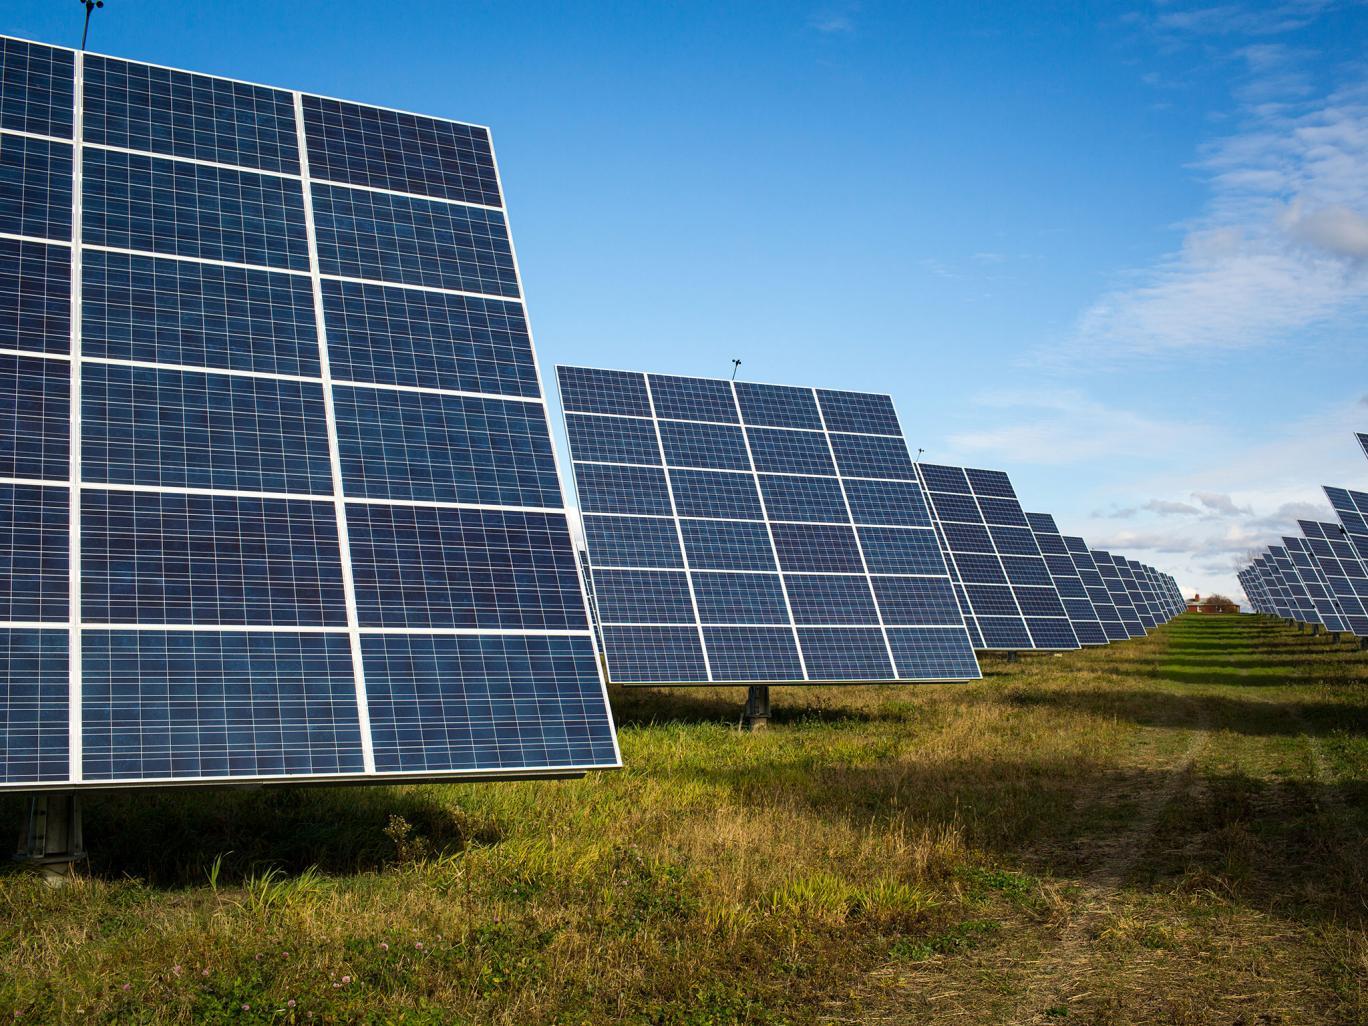 Цена солнечной энергии стала рекордно низкой и продолжает падать